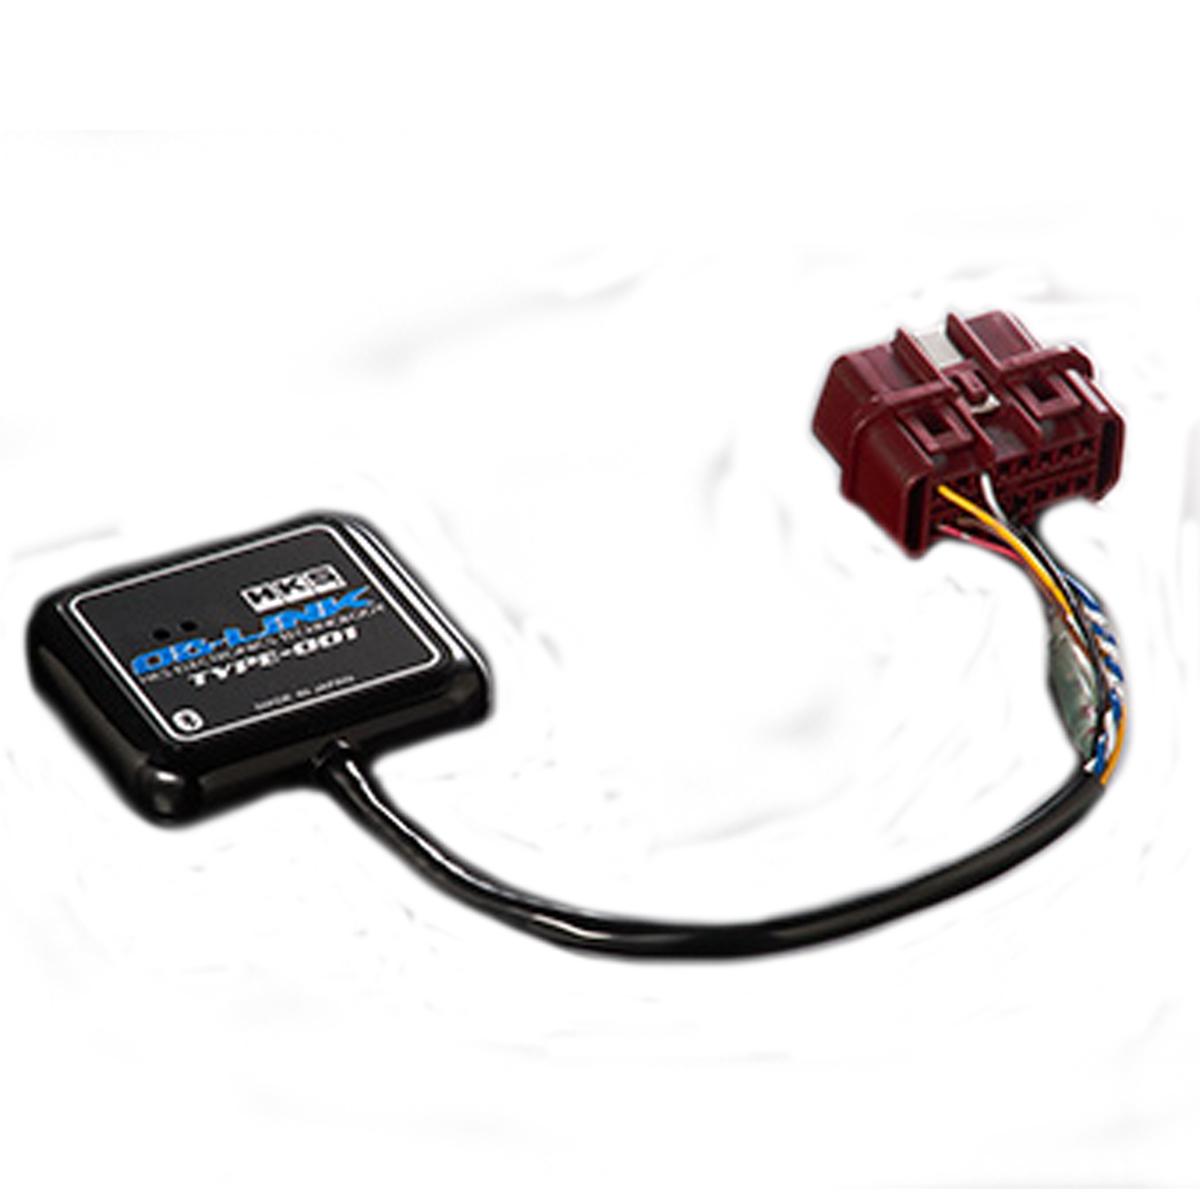 セレナ ハイブリッド モニター OBリンク タイプ 001 C26 HKS 44009-AK002 エレクトリニクス